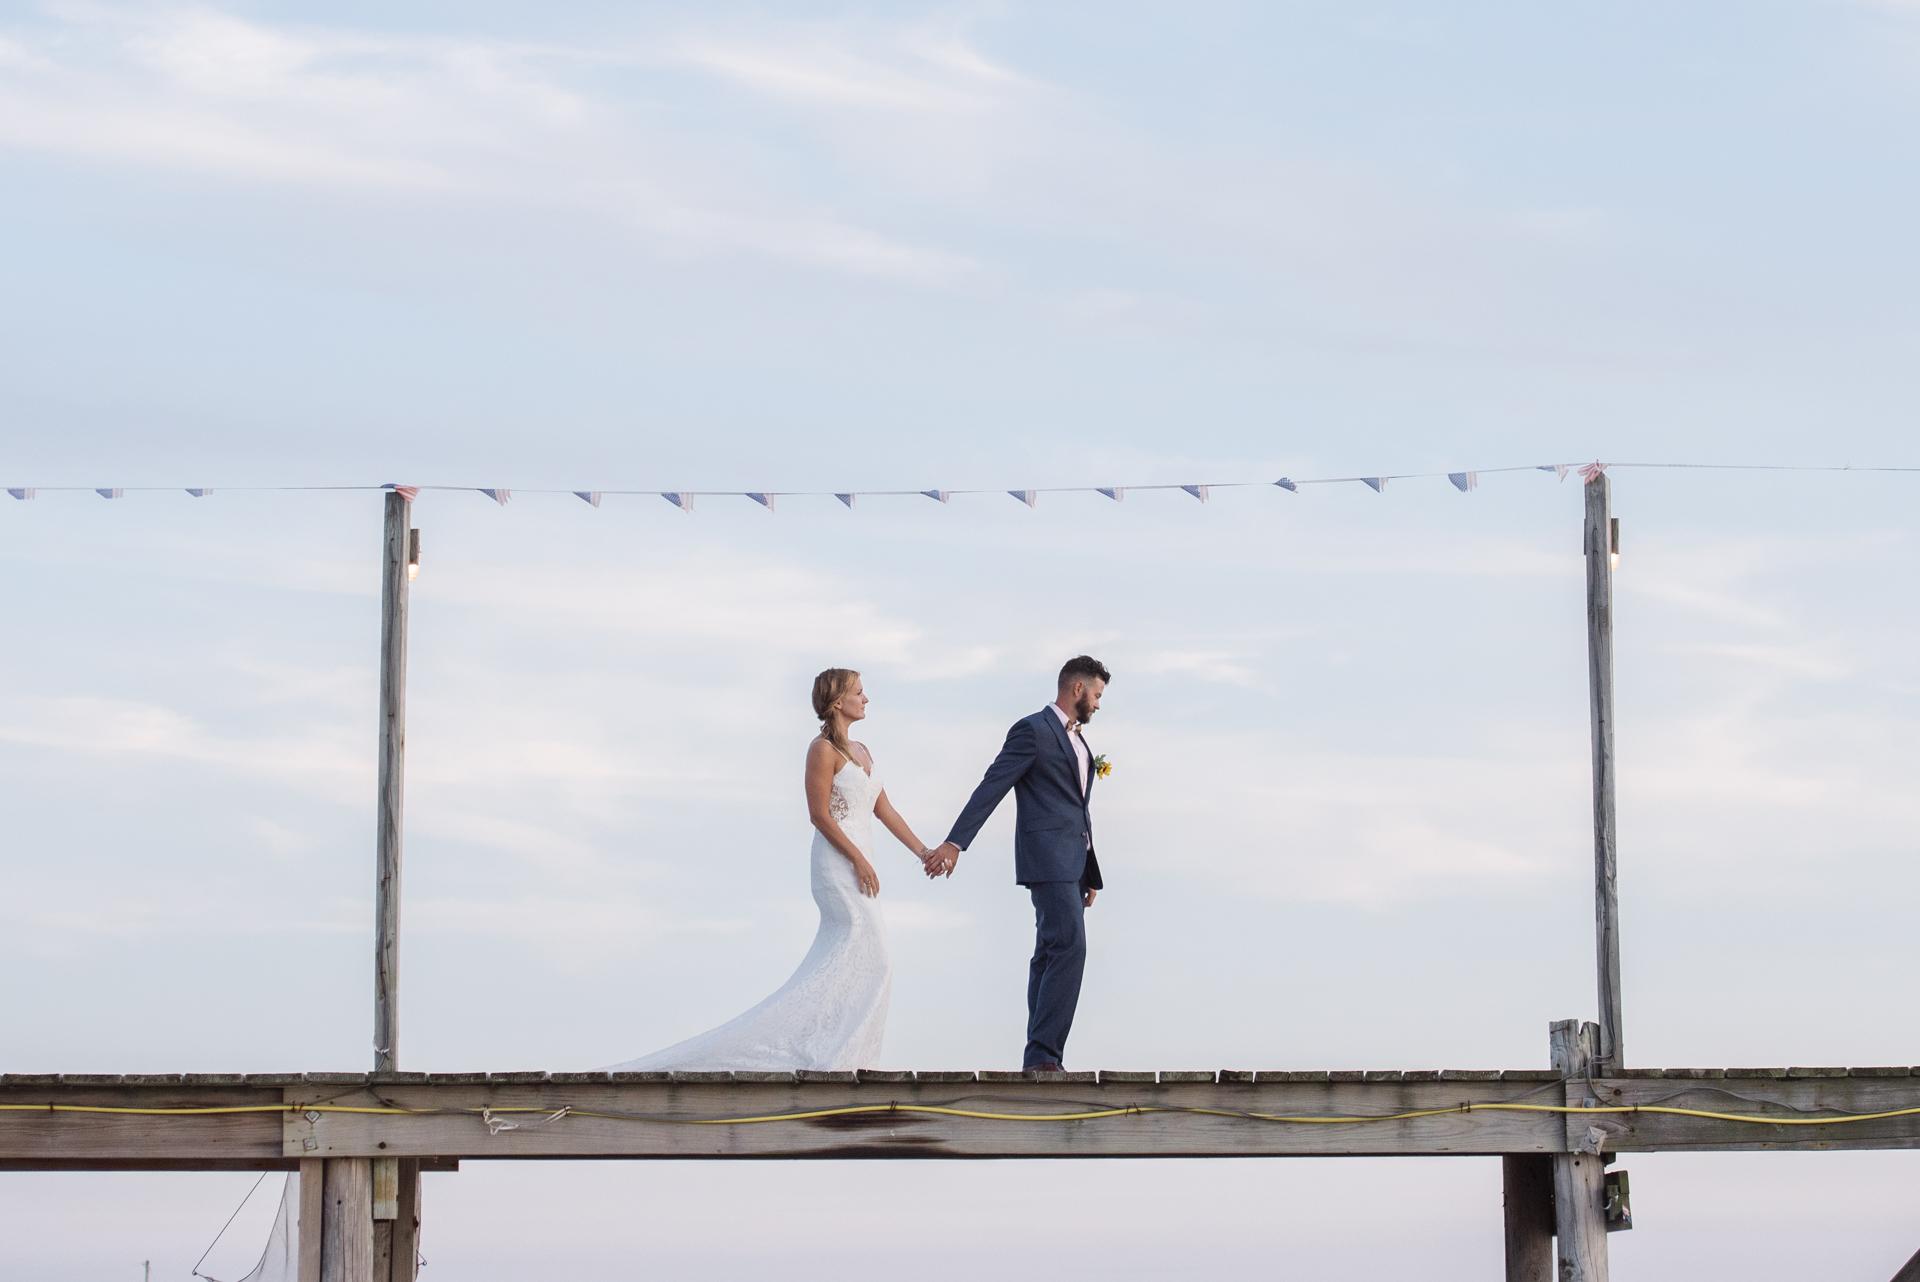 Meeresbrise, New Jersey Beach Elopement Porträt | Ein Porträt der Braut und des Bräutigams, die entlang des Docks gehen, wo ihre Hochzeitszeremonie stattfand